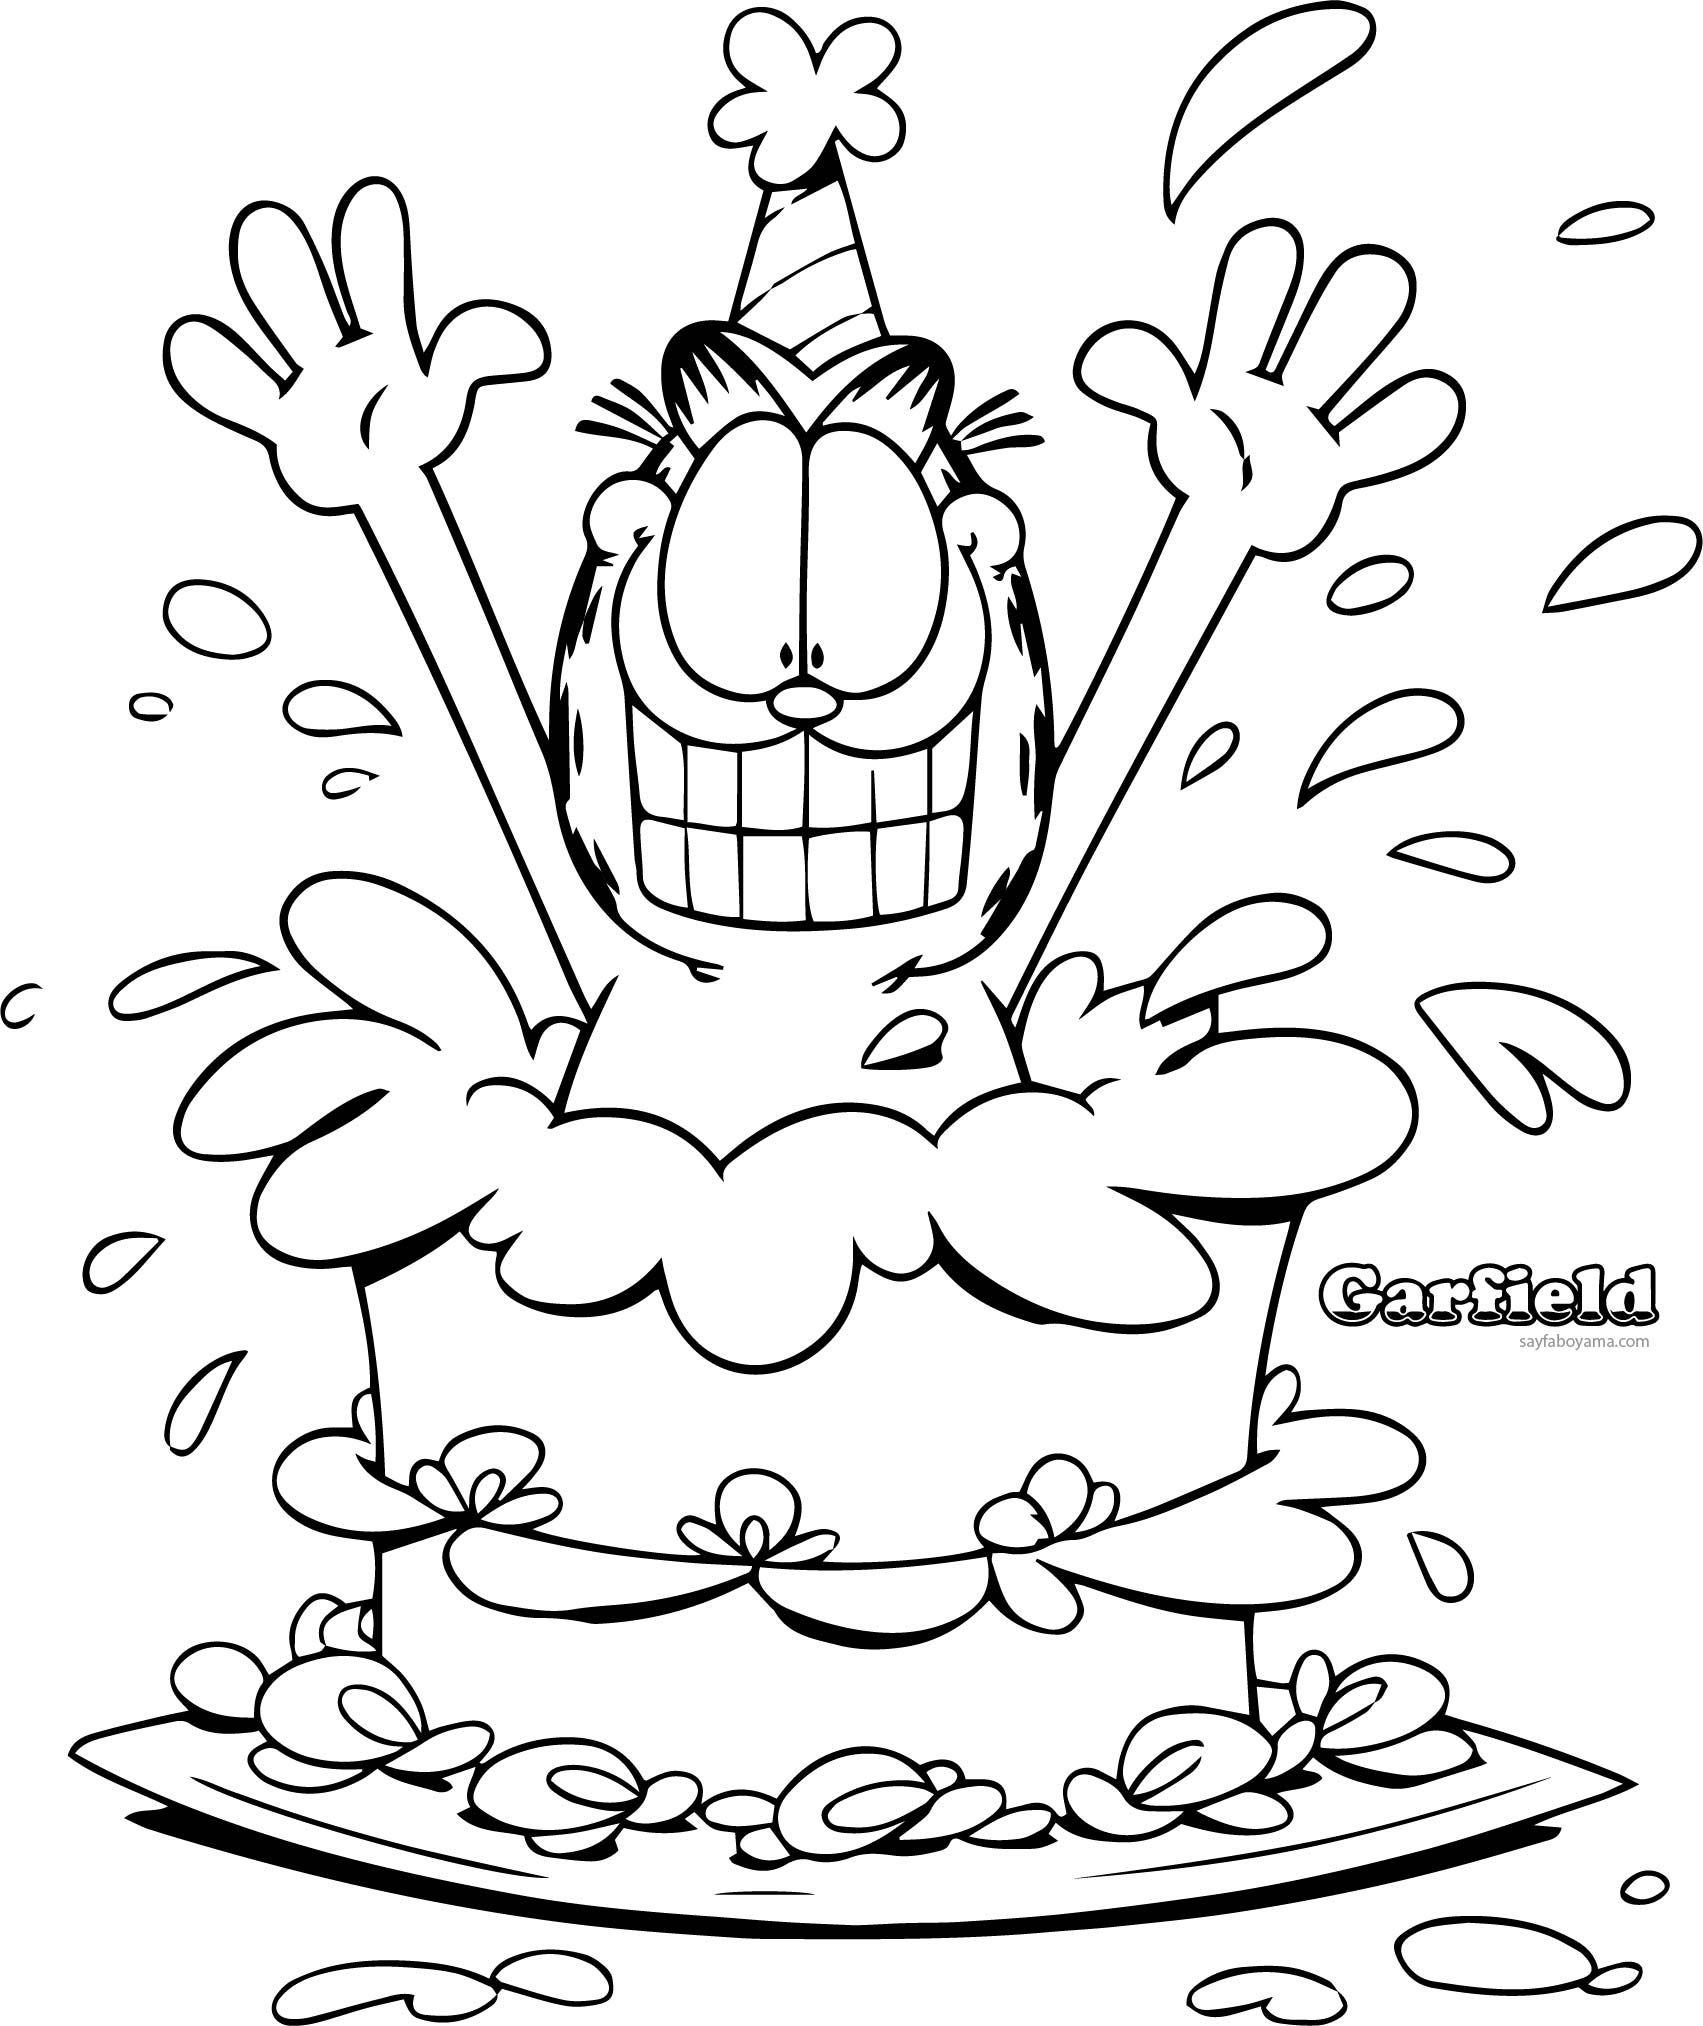 Garfield Dogum Gunu Suprizi Boyama Sayfasi Boyama Kitaplari